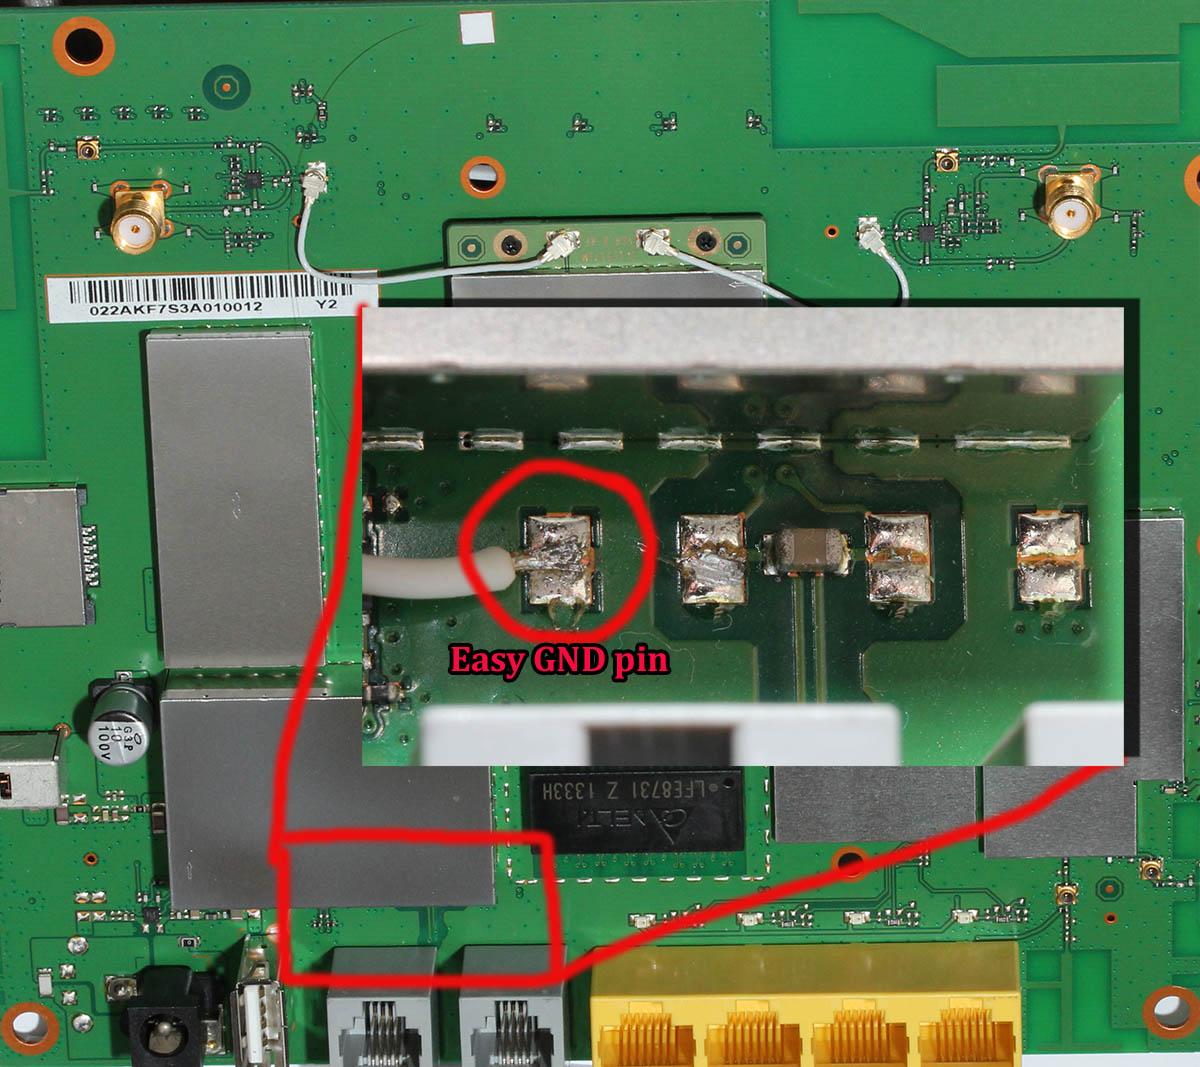 Huawei B593 - Hacker's ramblings